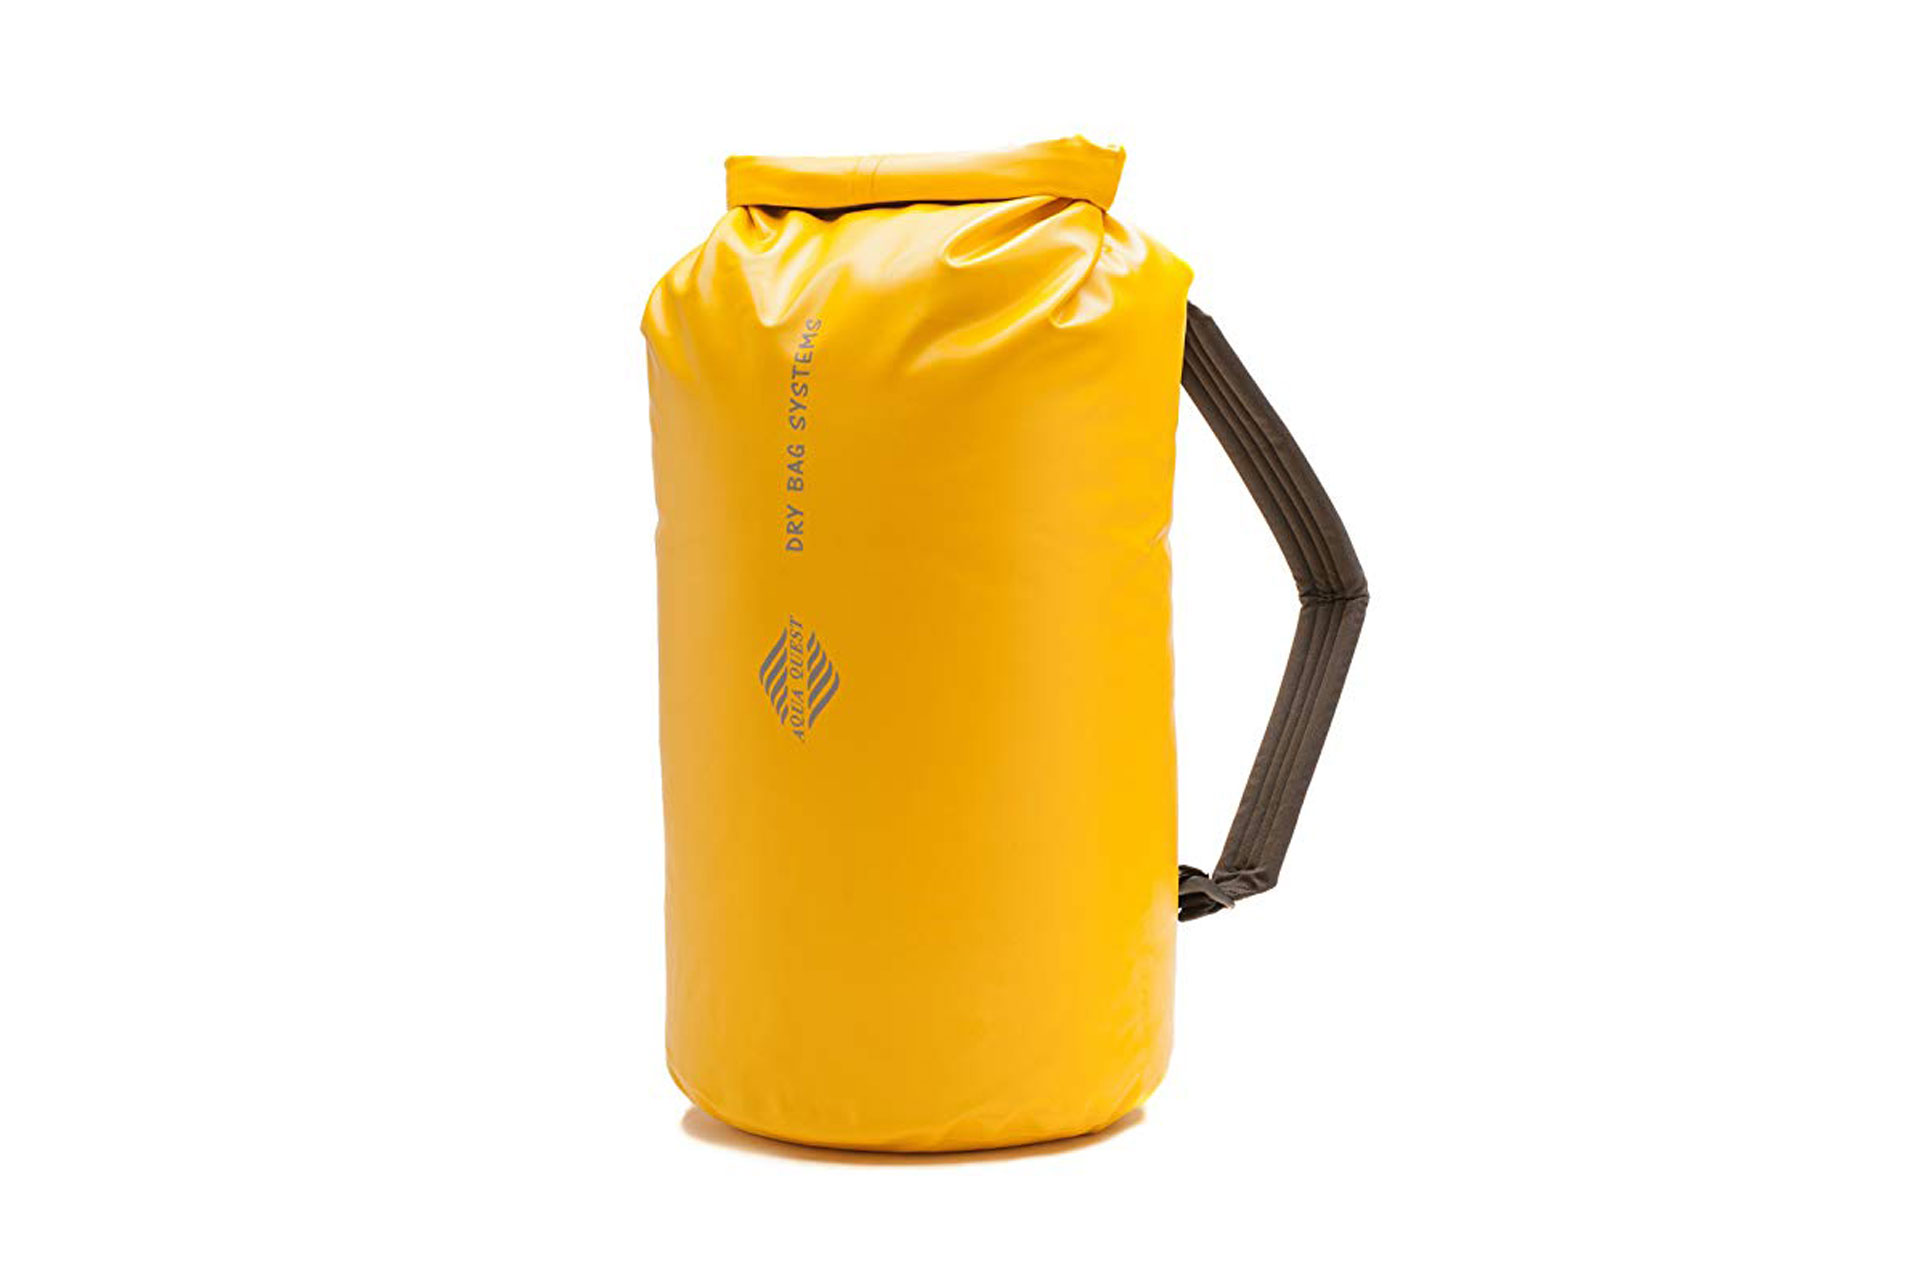 Dry Bag; Courtesy of Amazon